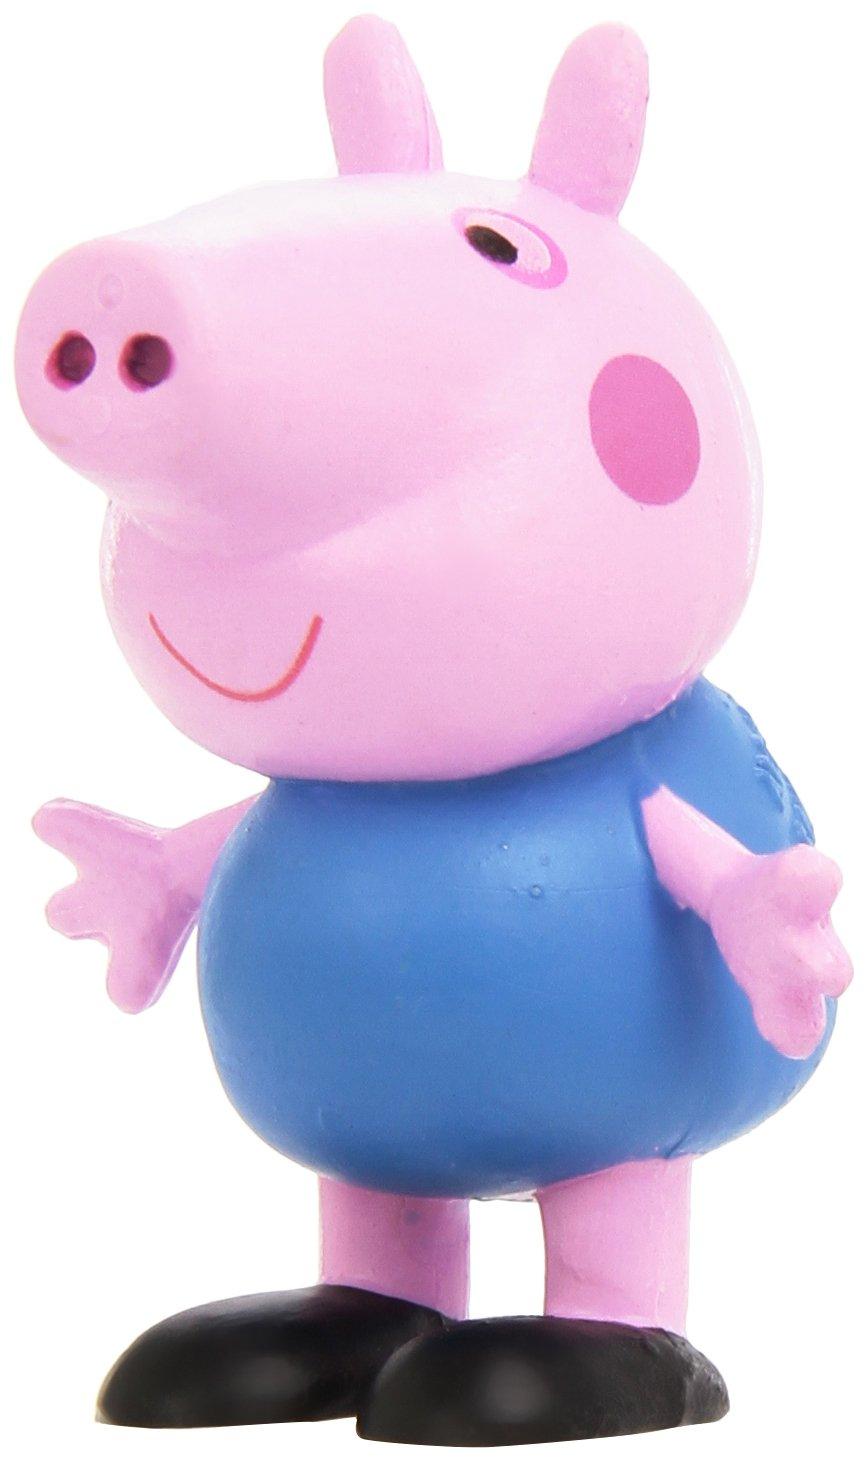 Peppa Pig - COMA99683 - Figura George Hermano 36m+: Amazon.es: Juguetes y juegos